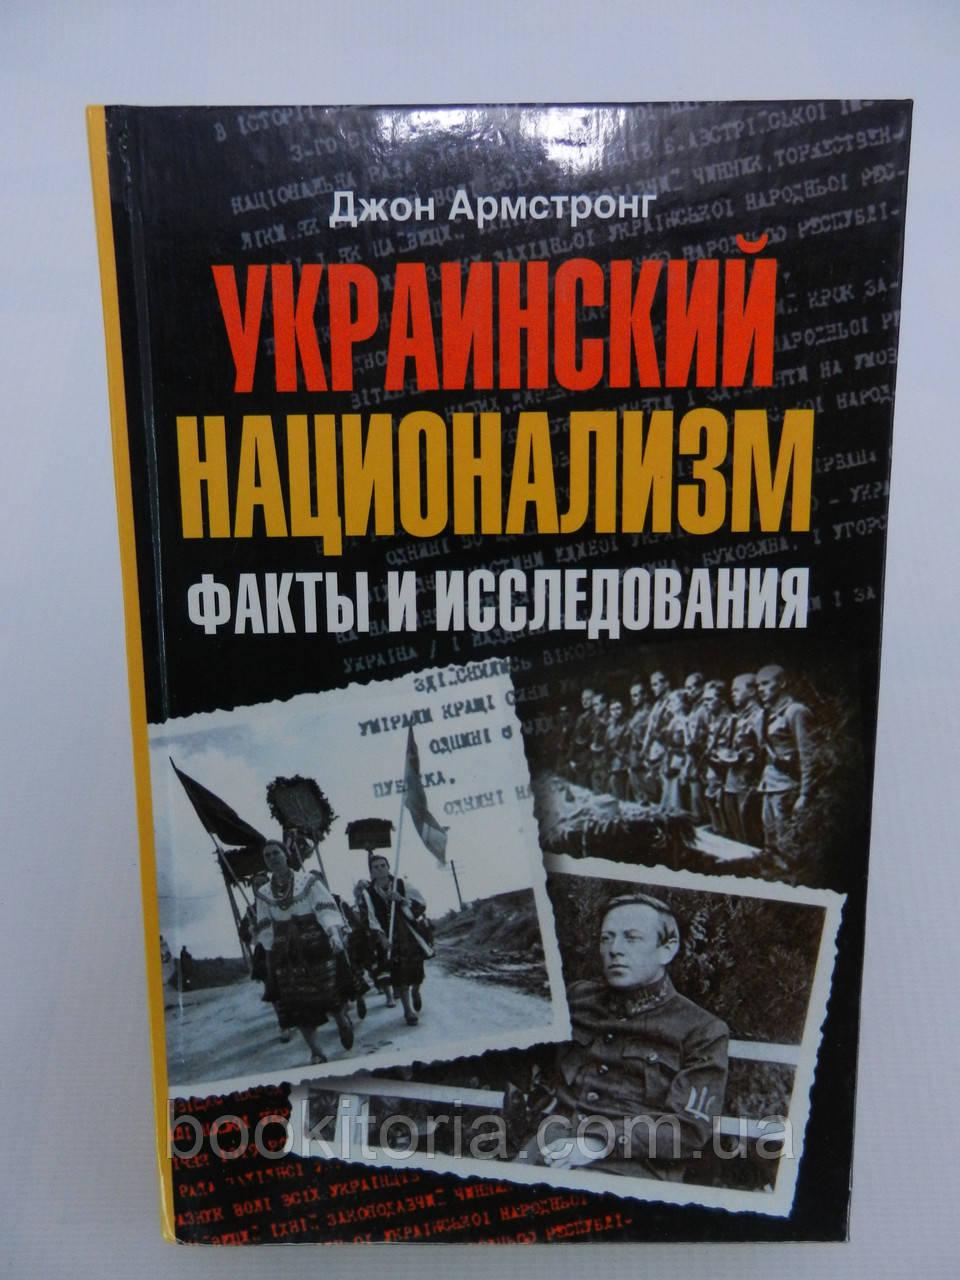 Армстронг Дж. Украинский национализм. Факты и исследования (б/у).